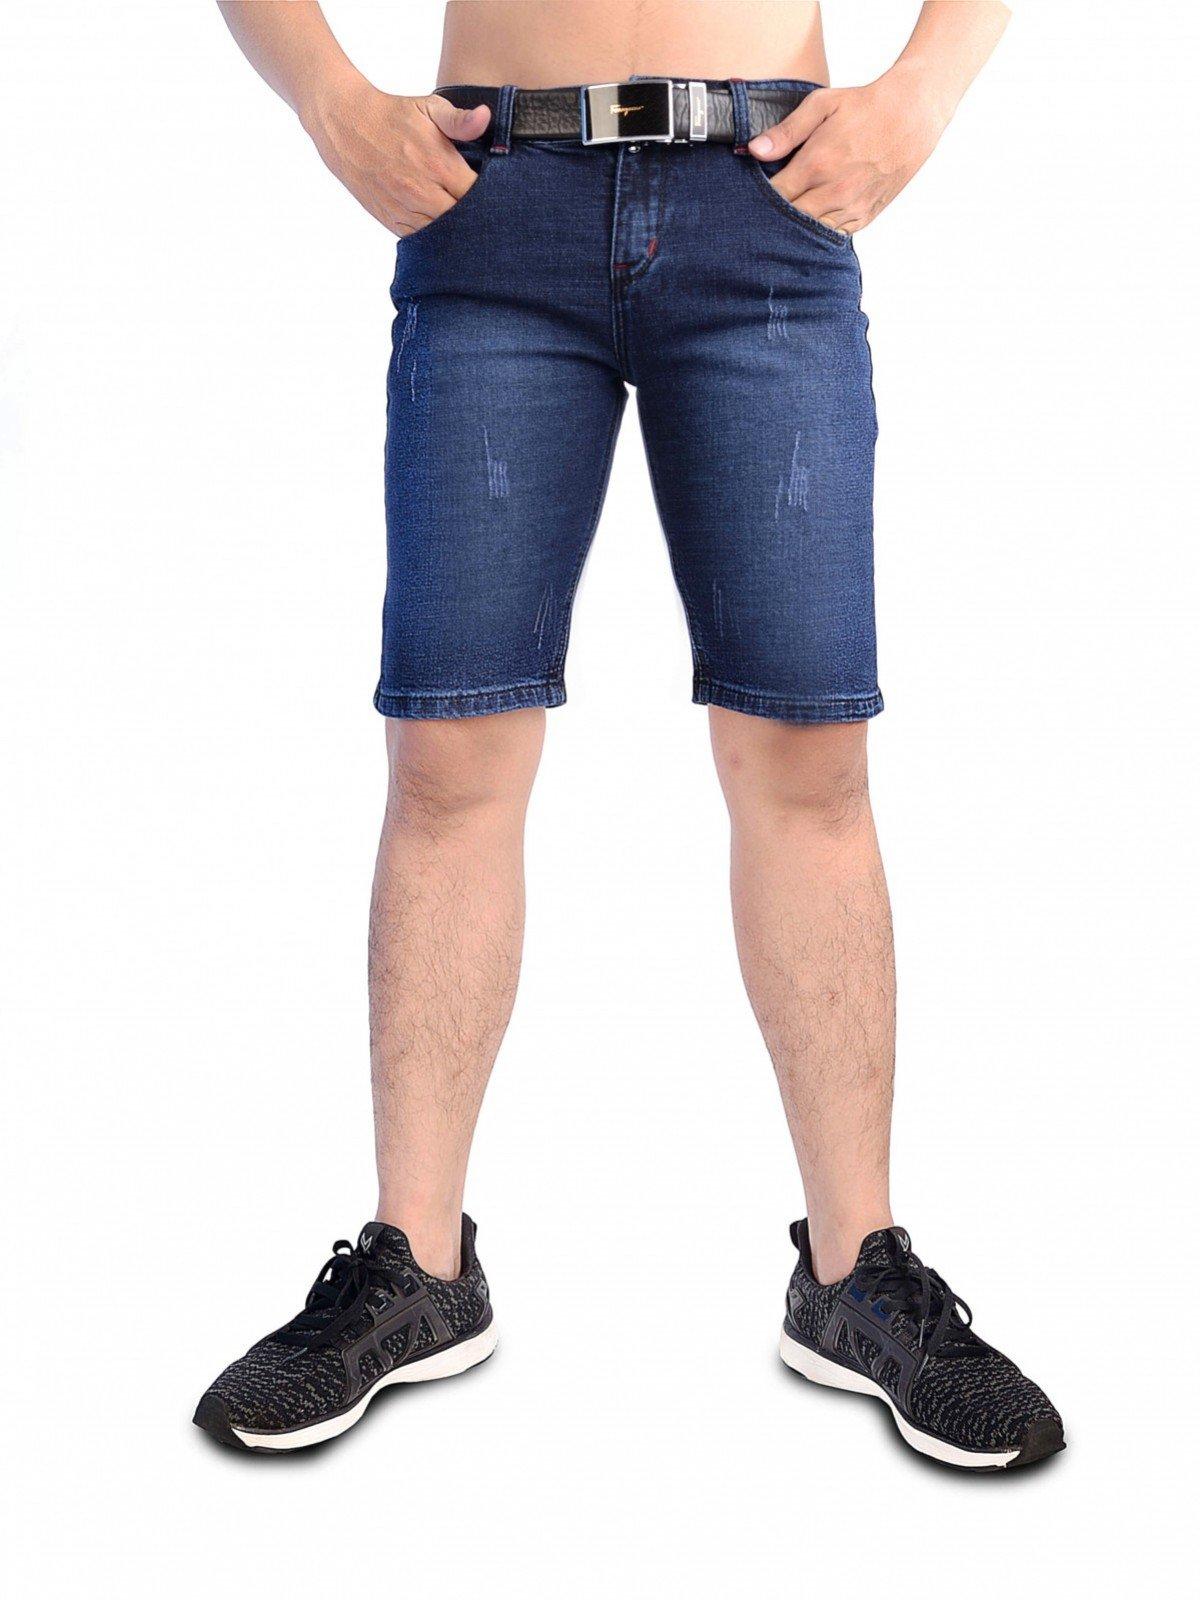 Quan short jeans